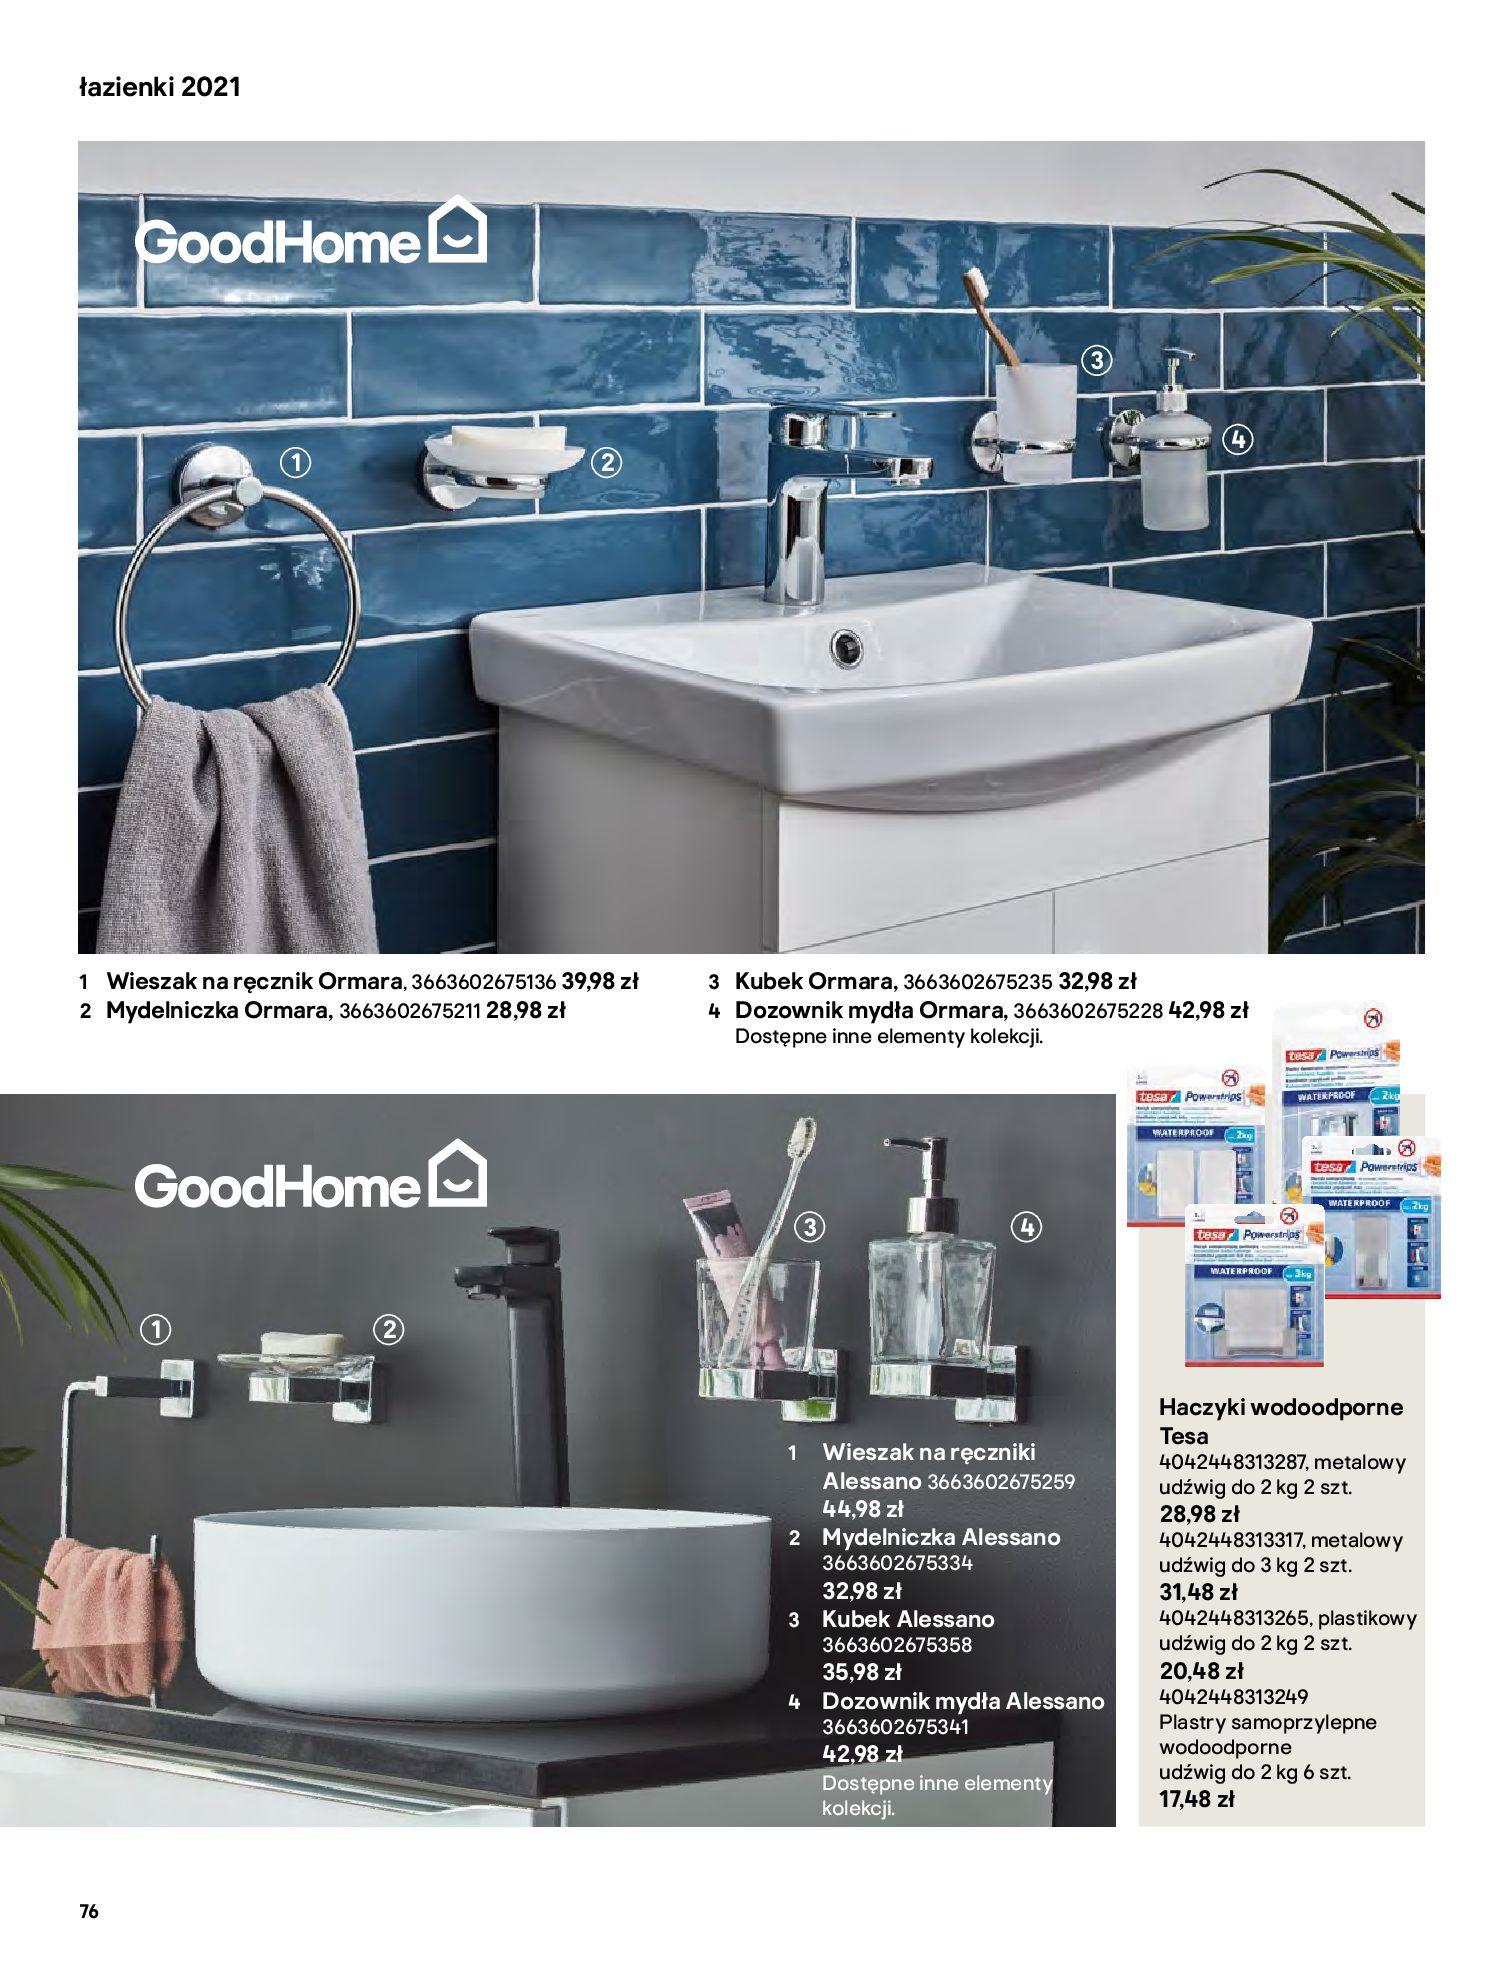 Gazetka Castorama: Gazetka Castorama - katalog łazienki 2021 2021-06-16 page-76